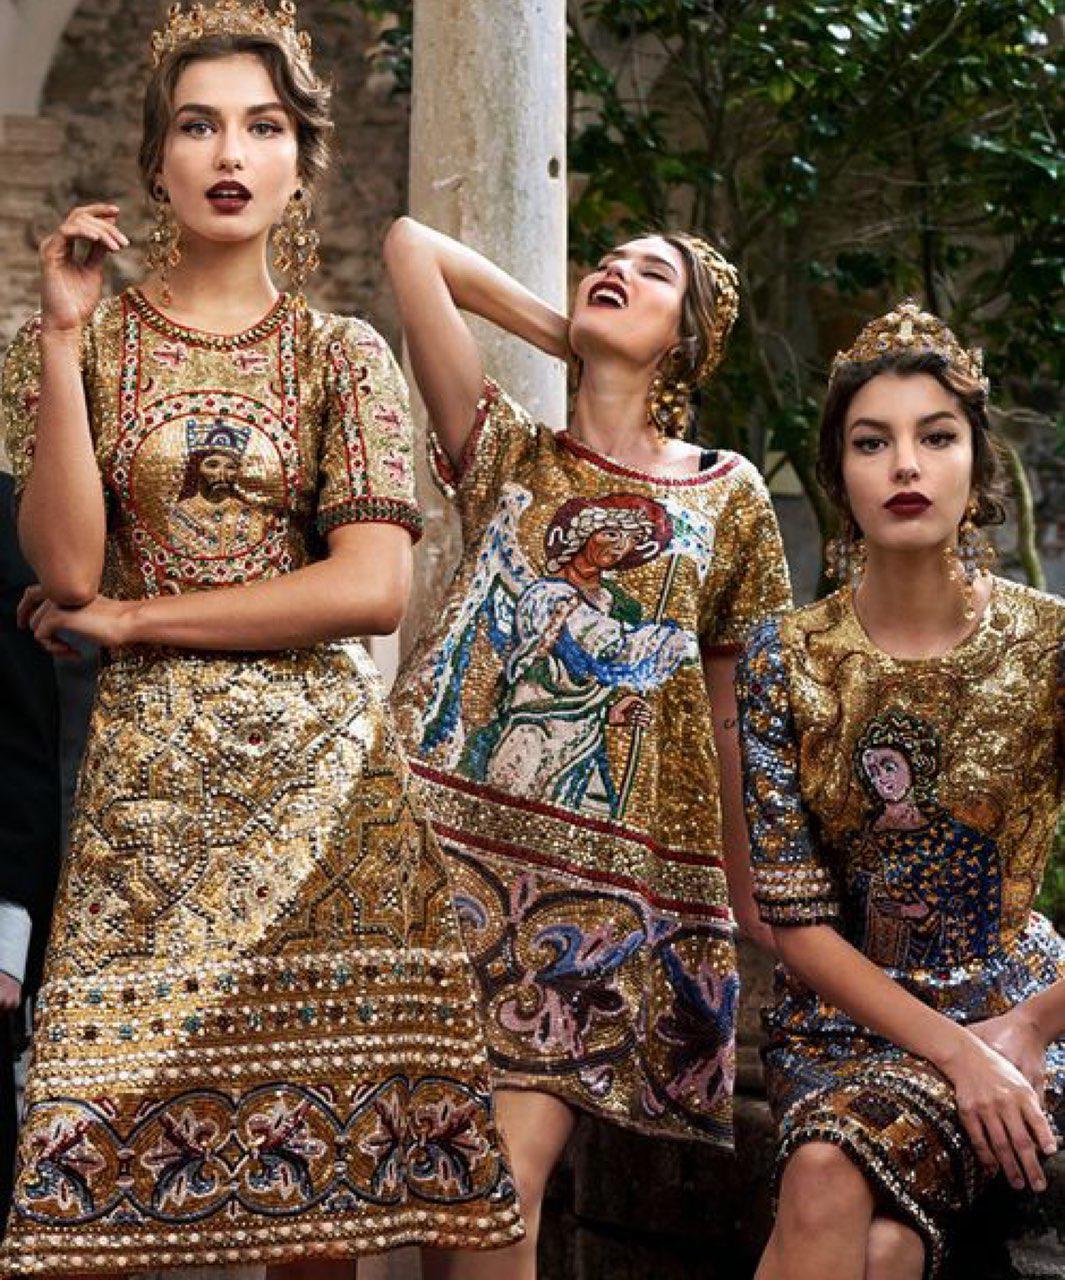 دولچه و گابانا Dolce & Gabbana